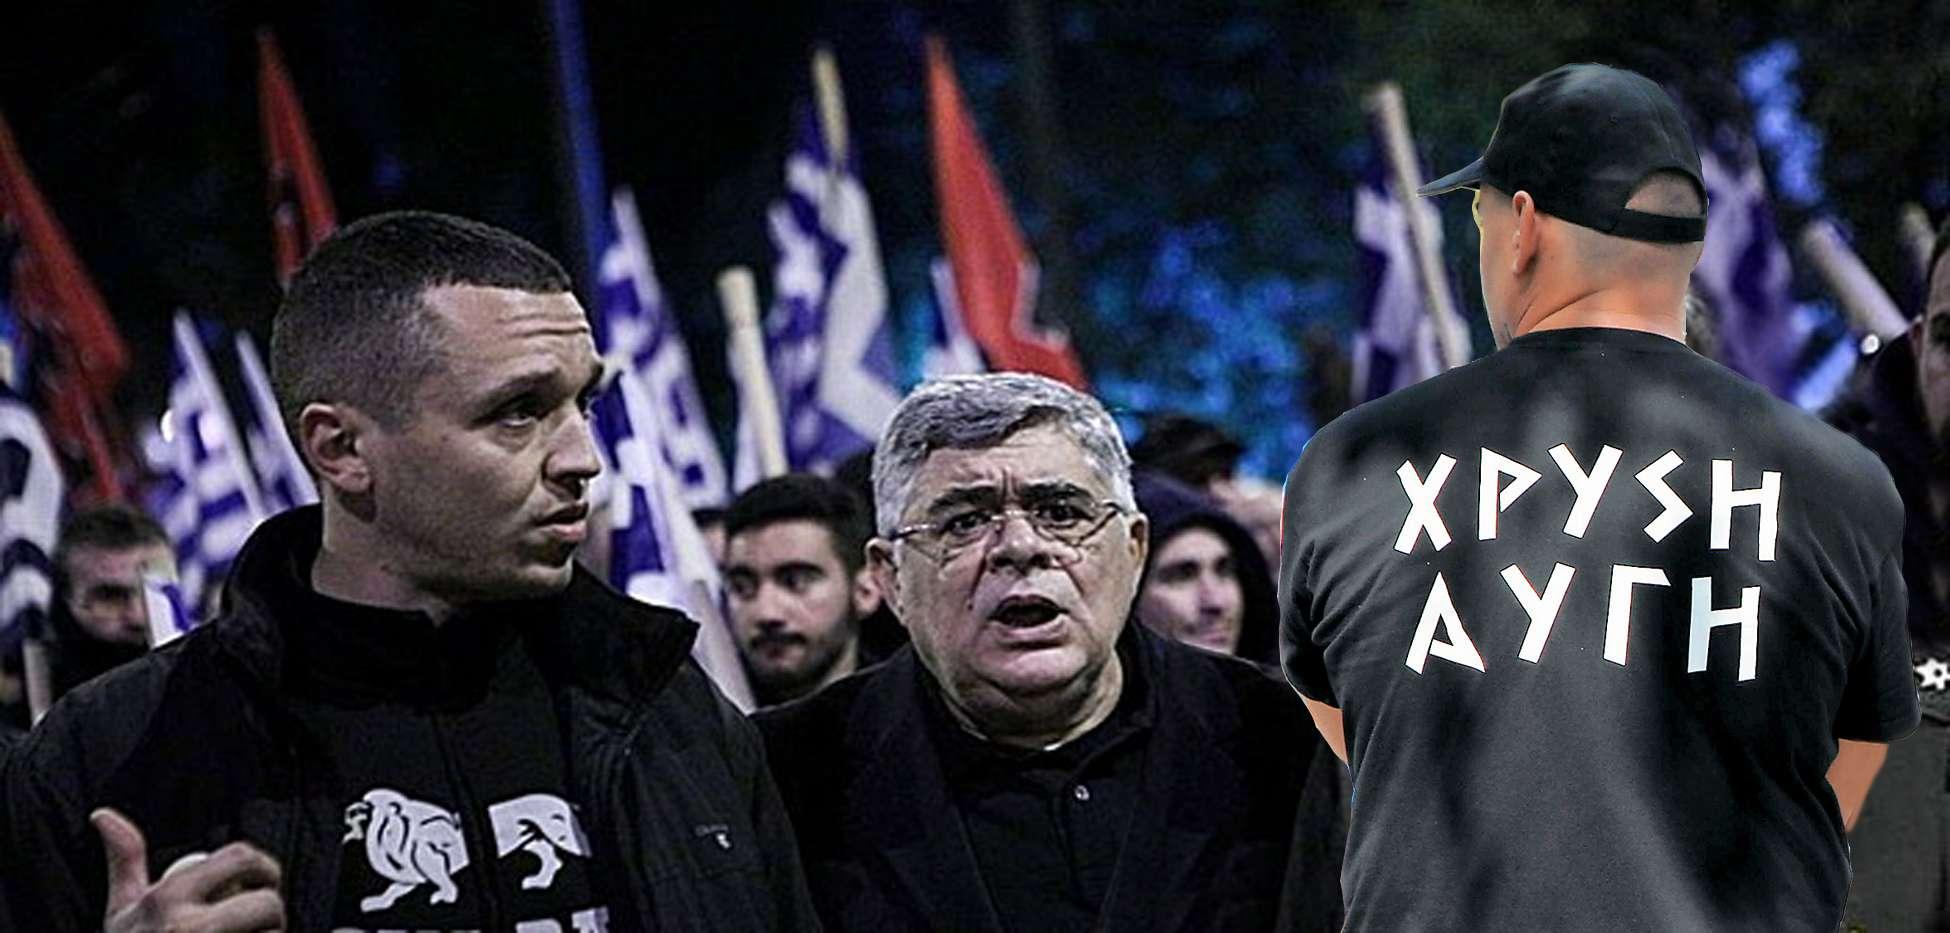 Προκλητικοί, θρασείς, τσάμπα μάγκες οι «έλληνες εθνικιστές» της εγκληματικής ΧΑ που «δεν είναι Ναζί», αλλά «ιδεολόγοι-διωκόμενοι» για τις ιδέες τους …